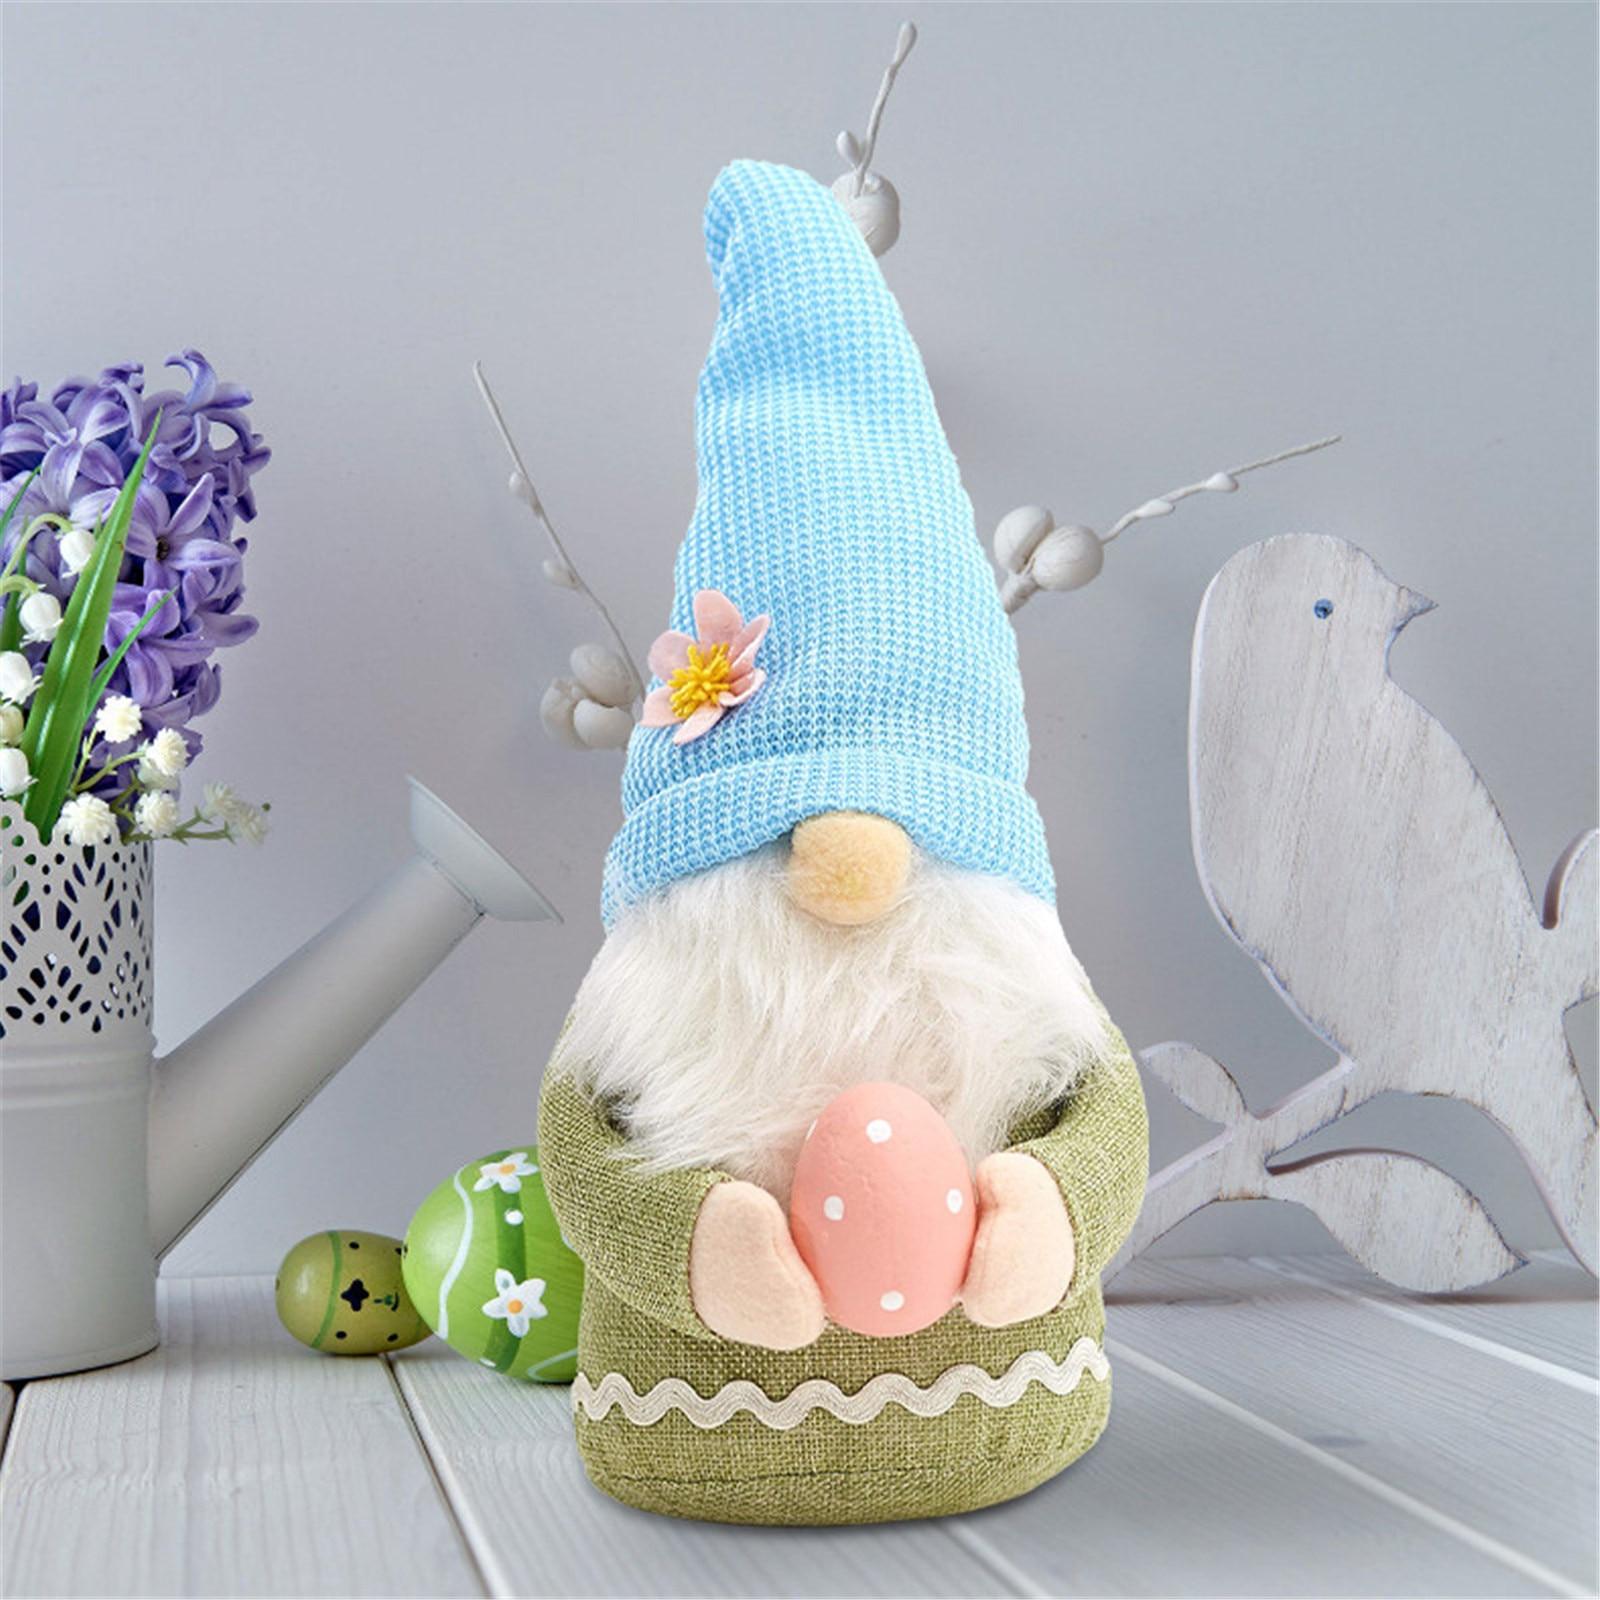 Многоразовые фигурки, пасхальный гном, плюшевые куклы, украшения ручной работы скандинавский томте, многоразовое украшение для дома